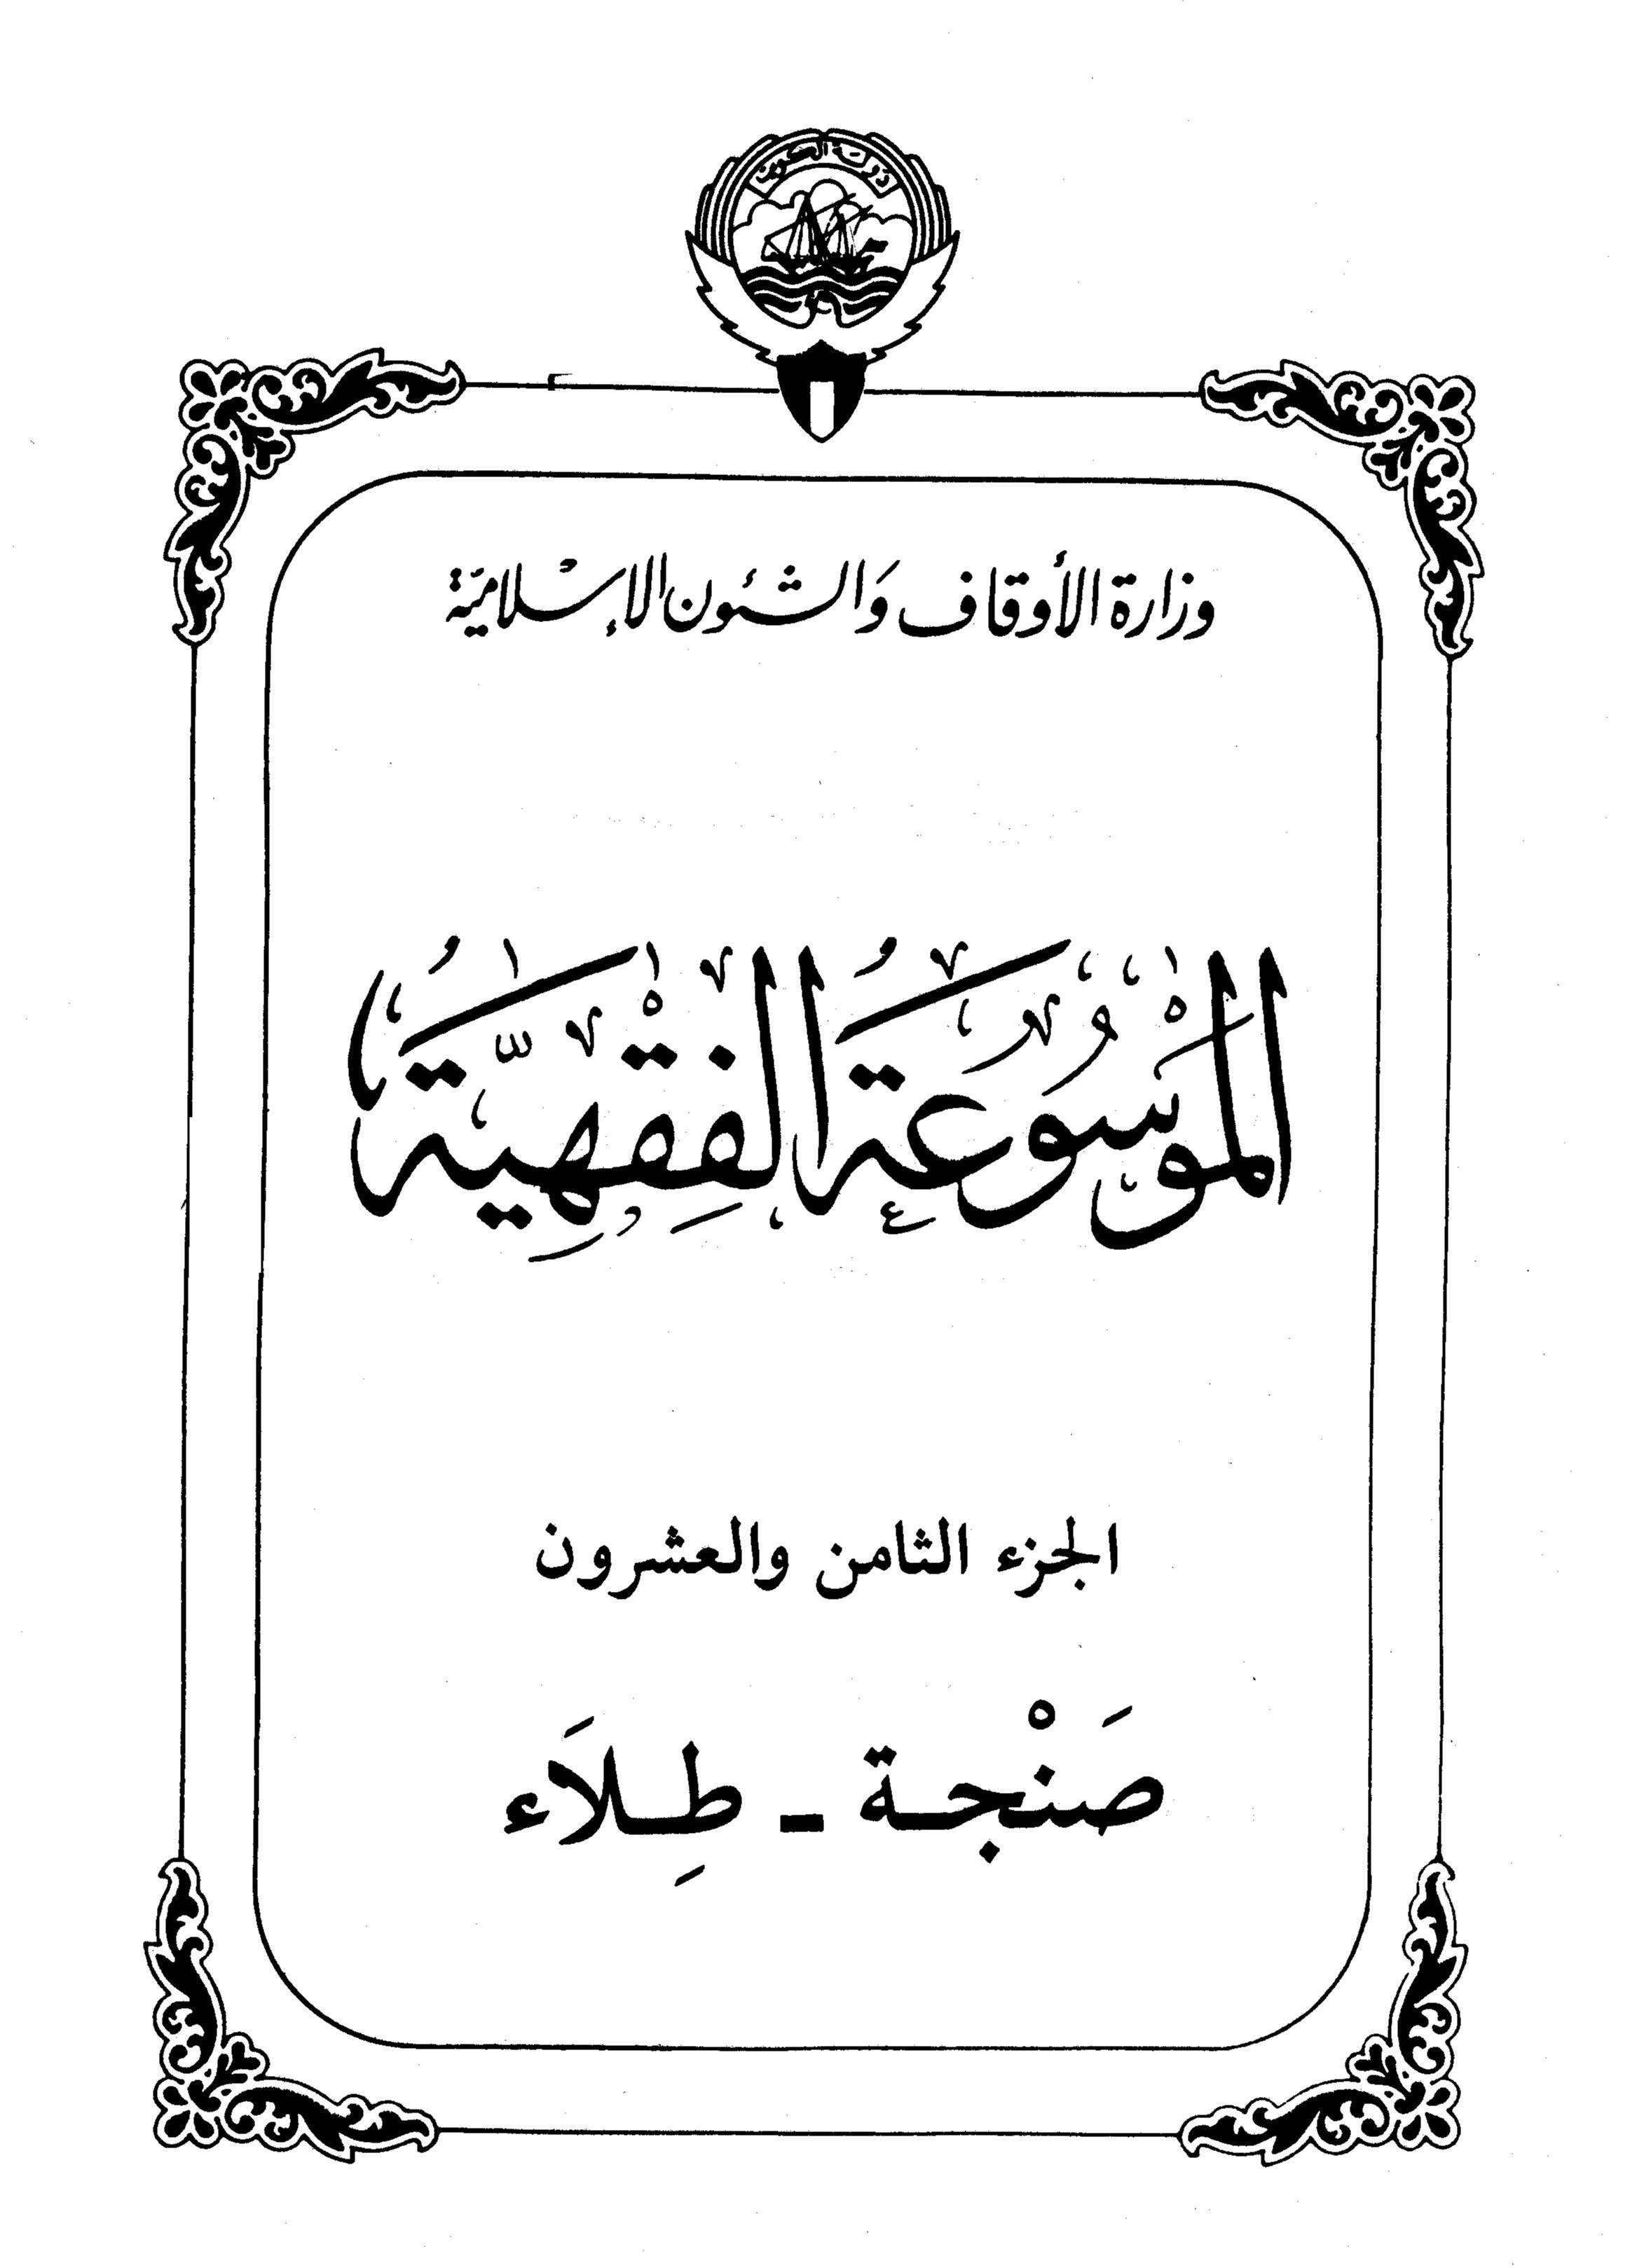 الموسوعة الفقهية الكويتية- الجزء الثامن والعشرون (صنجة - طلاء)